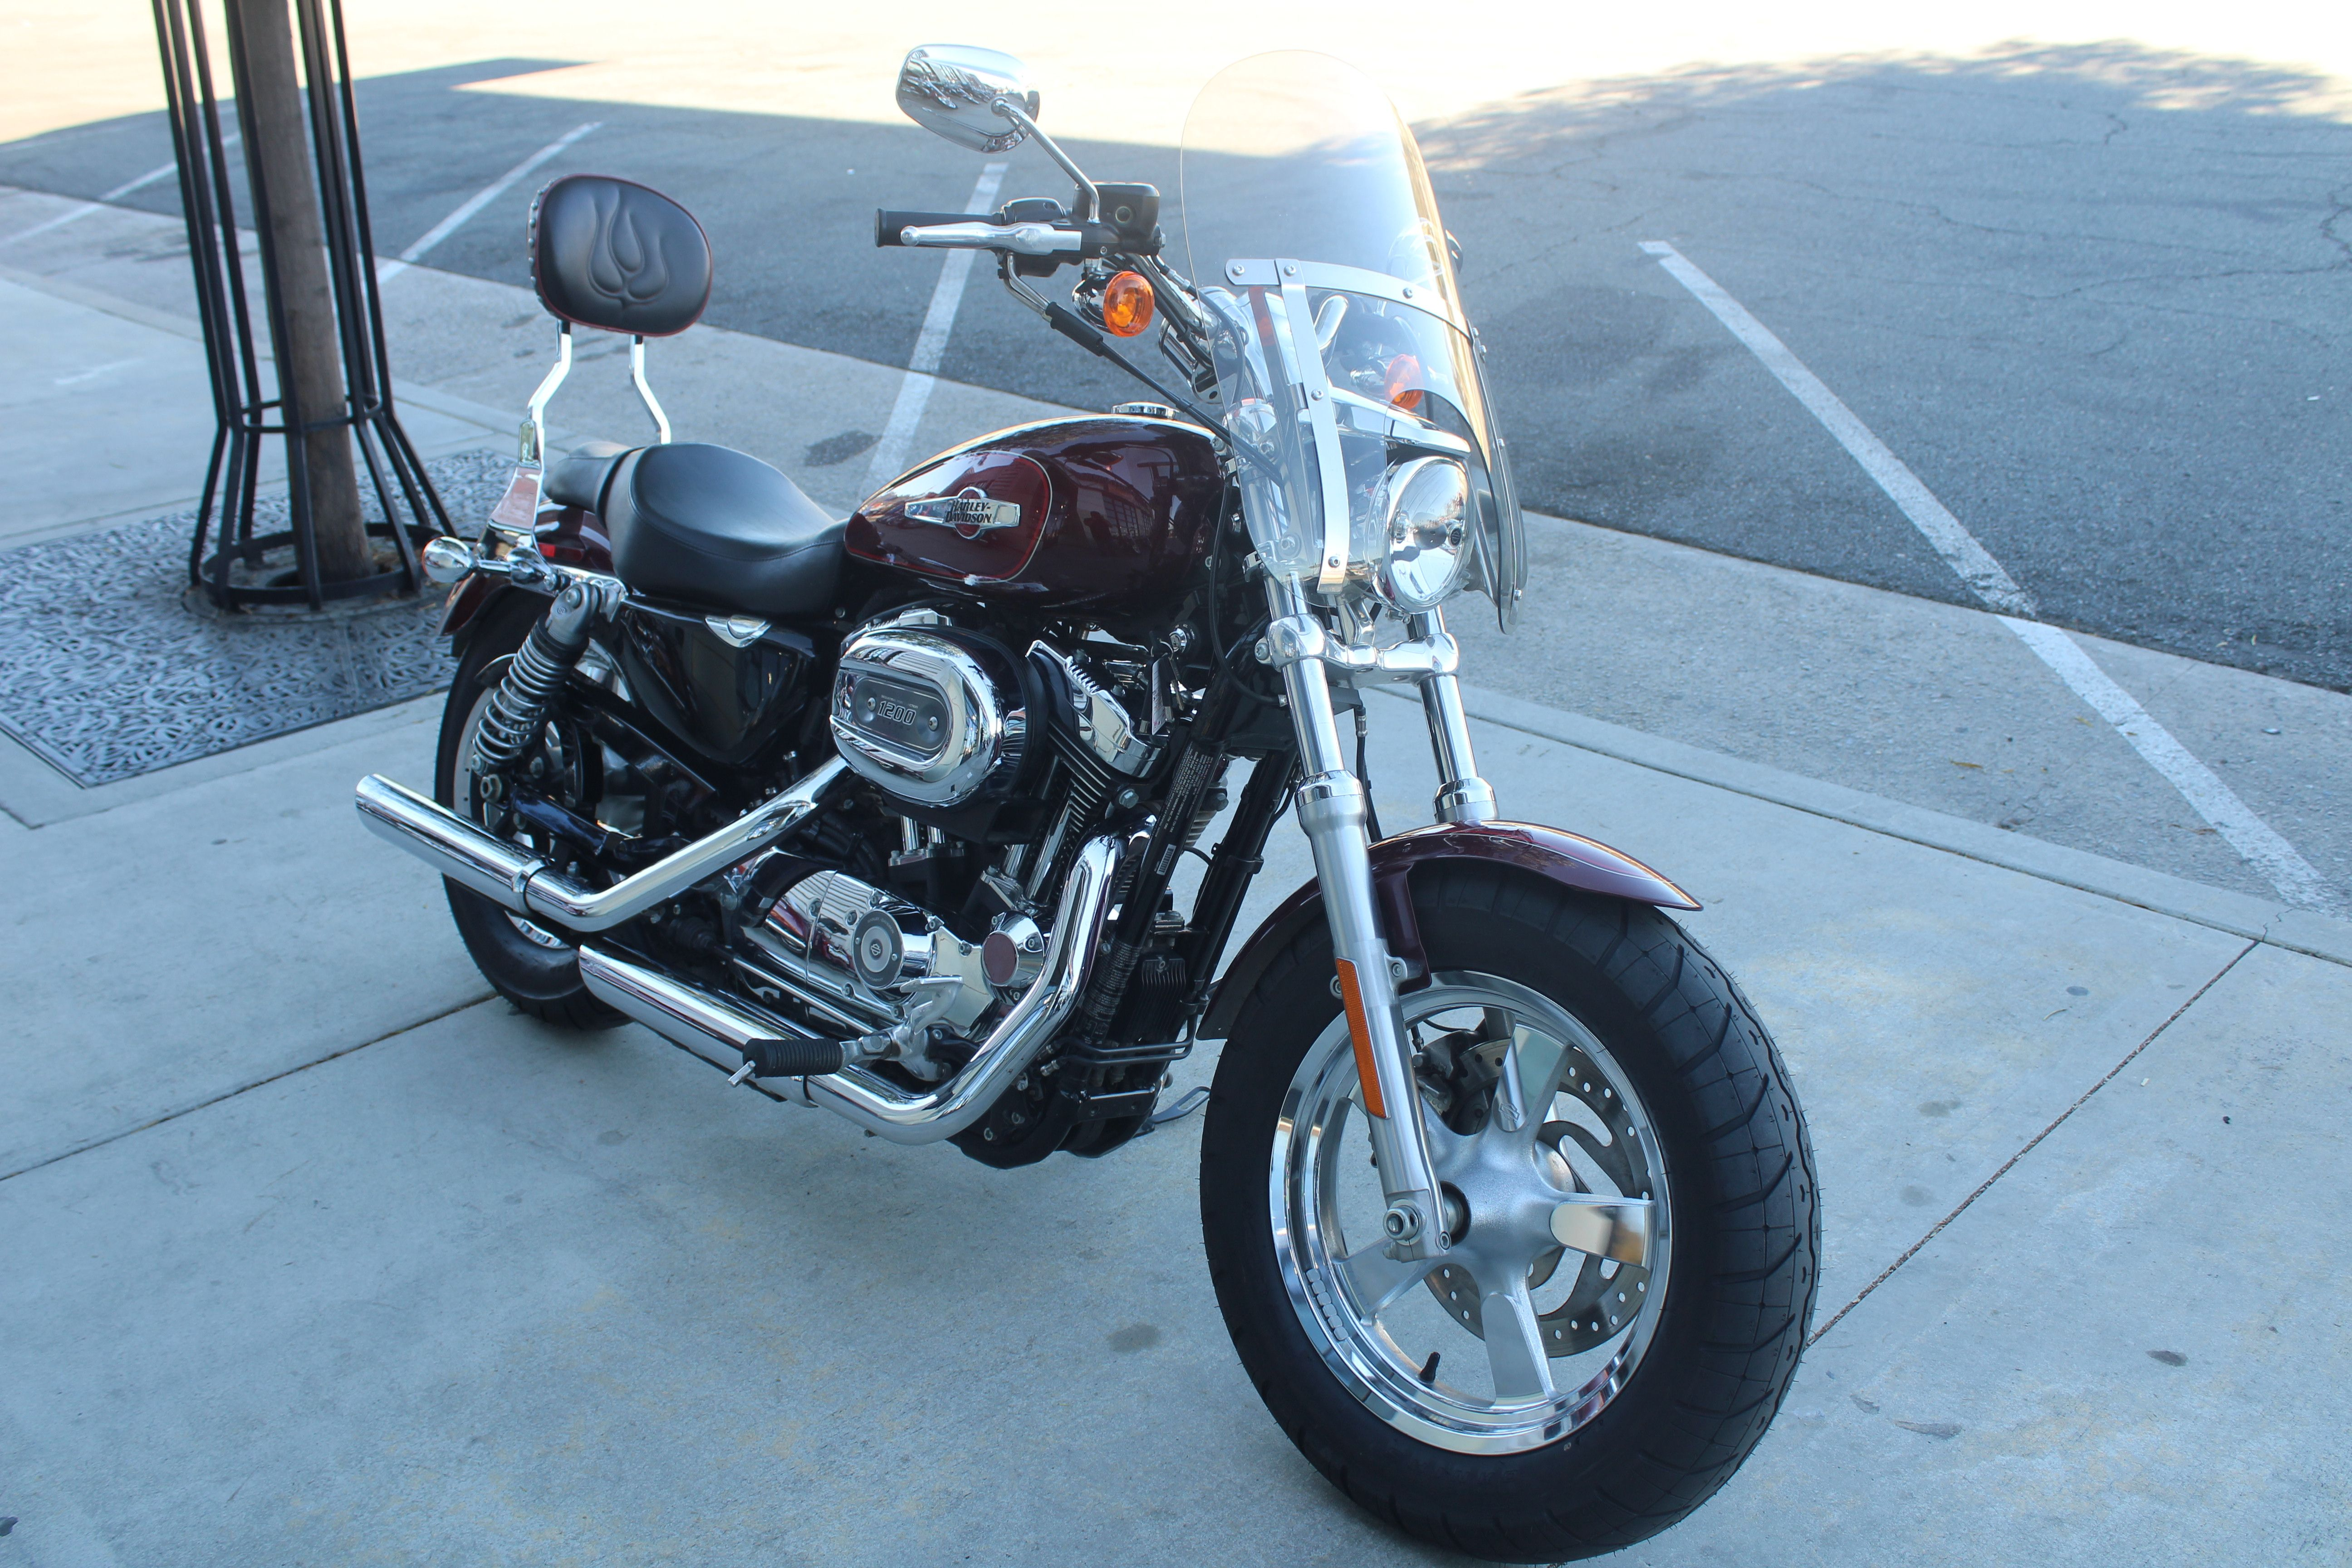 Pre-Owned 2016 Harley-Davidson 1200 Custom